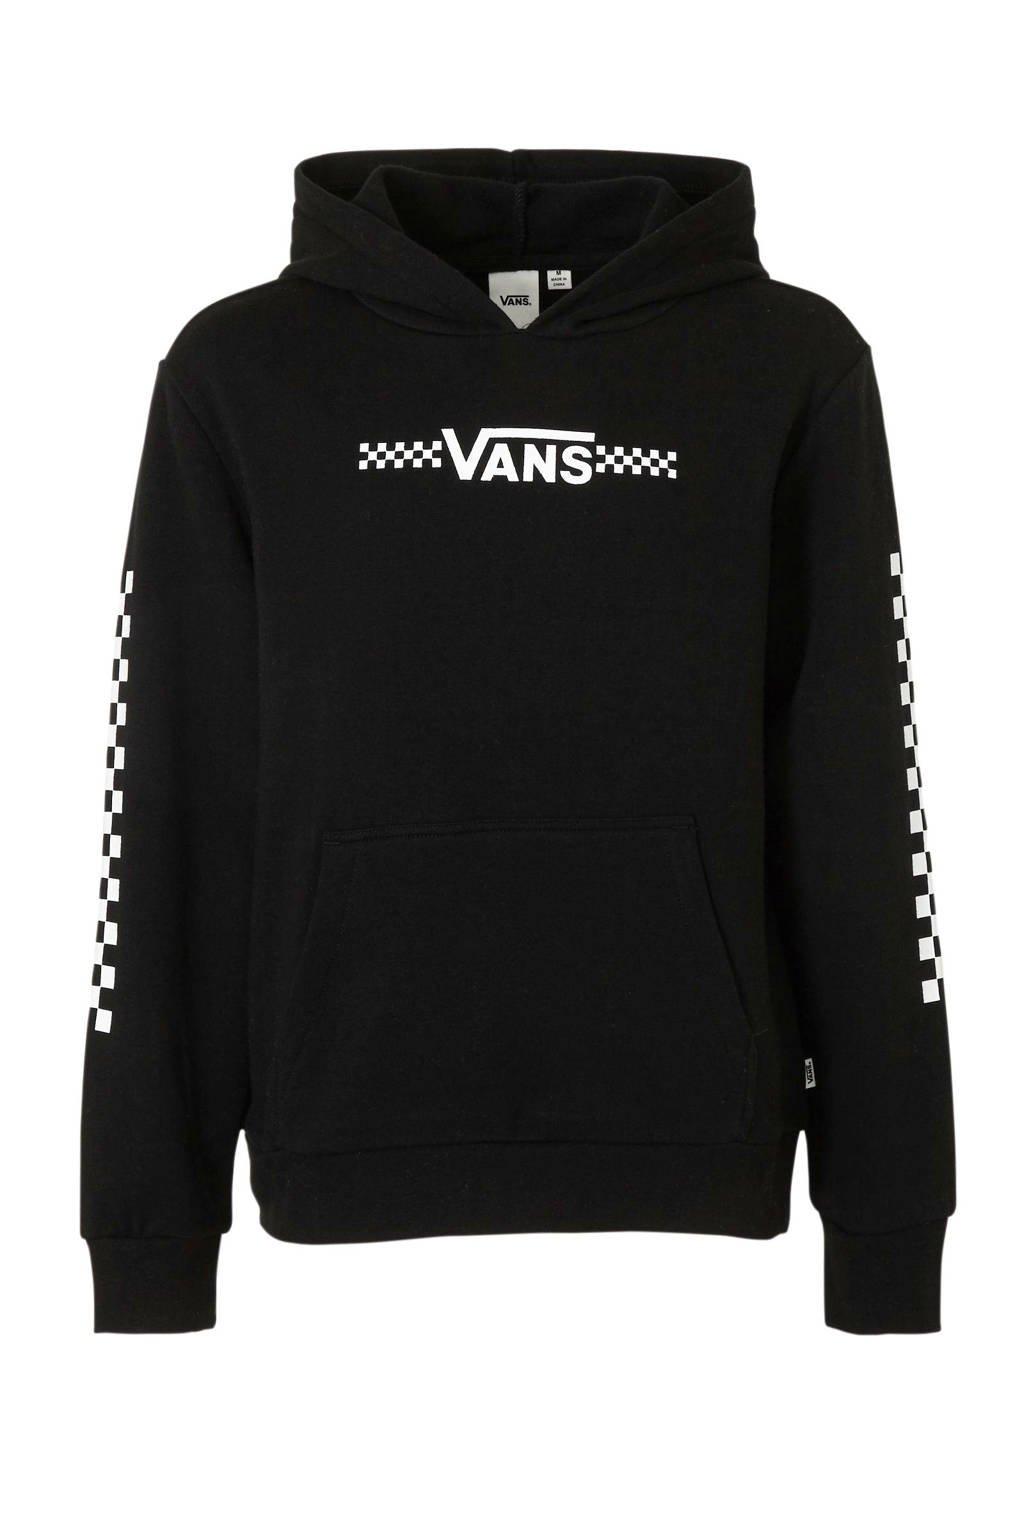 VANS hoodie met logo zwart/wit, Zwart/wit